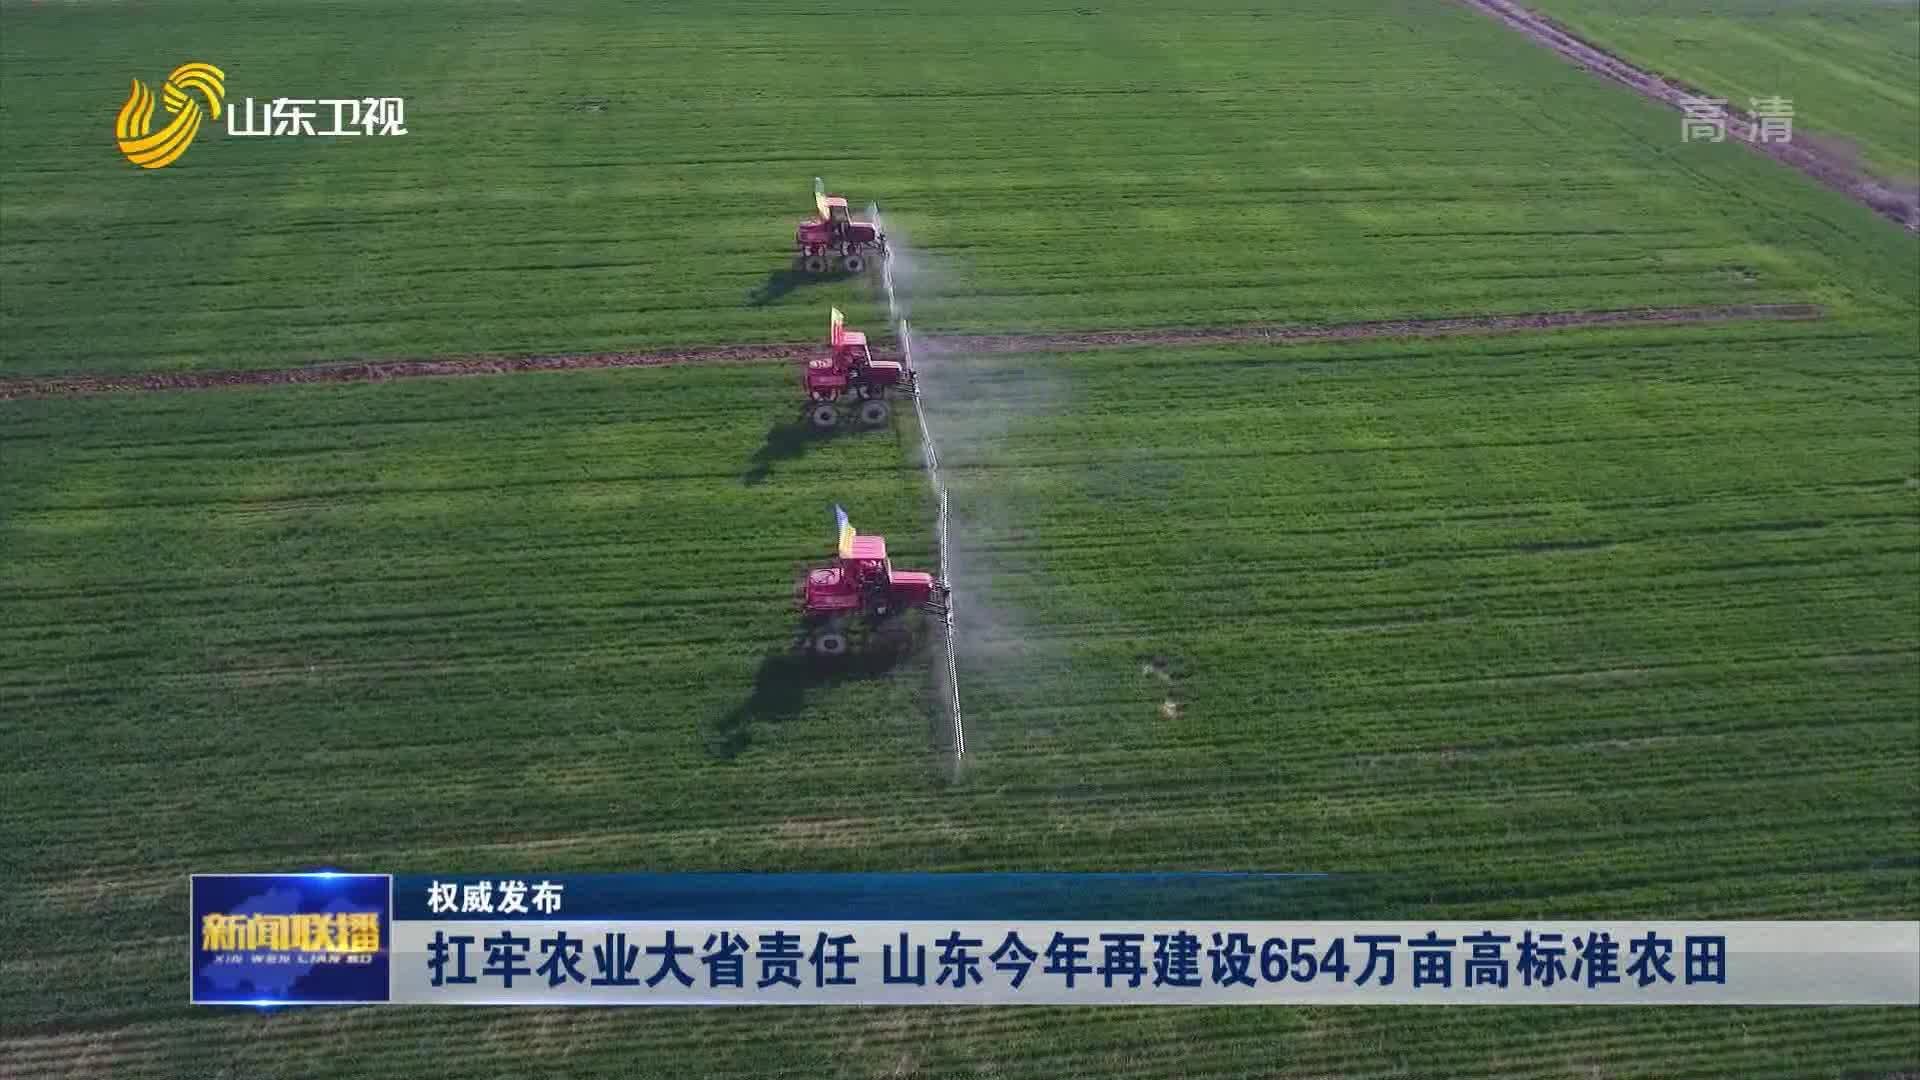 【权威发布】扛牢农业大省责任 山东本年再建设654万亩高标准农田